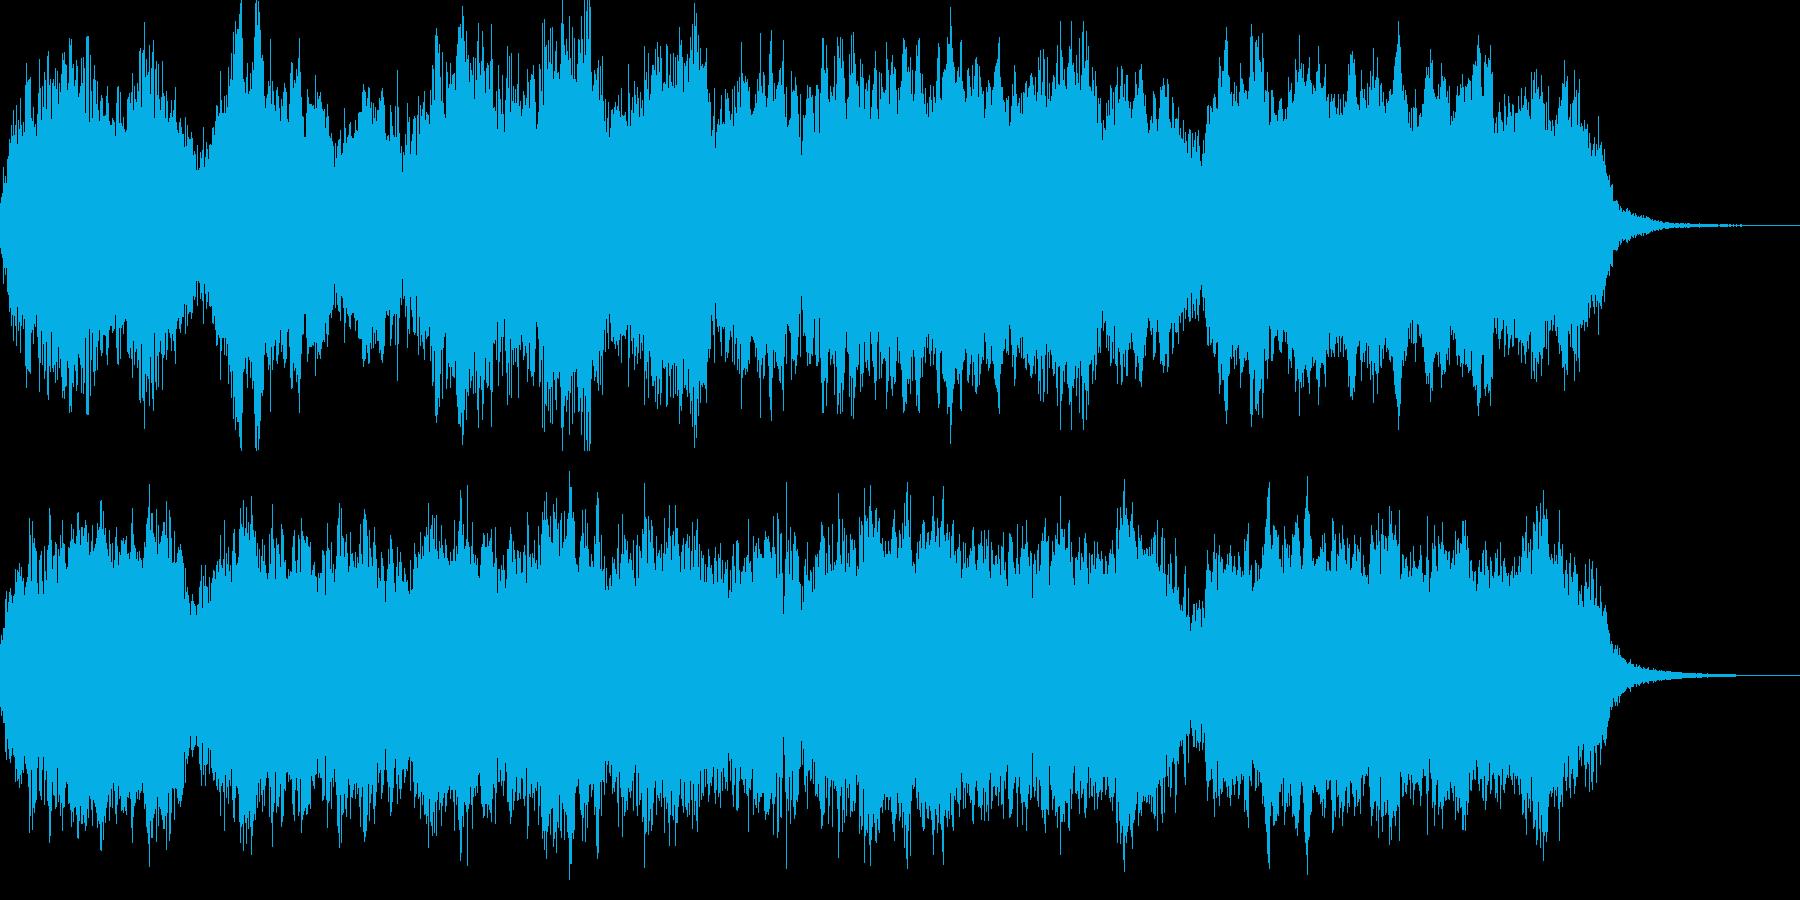 何かの始まりにピッタリの壮大オーケストラの再生済みの波形